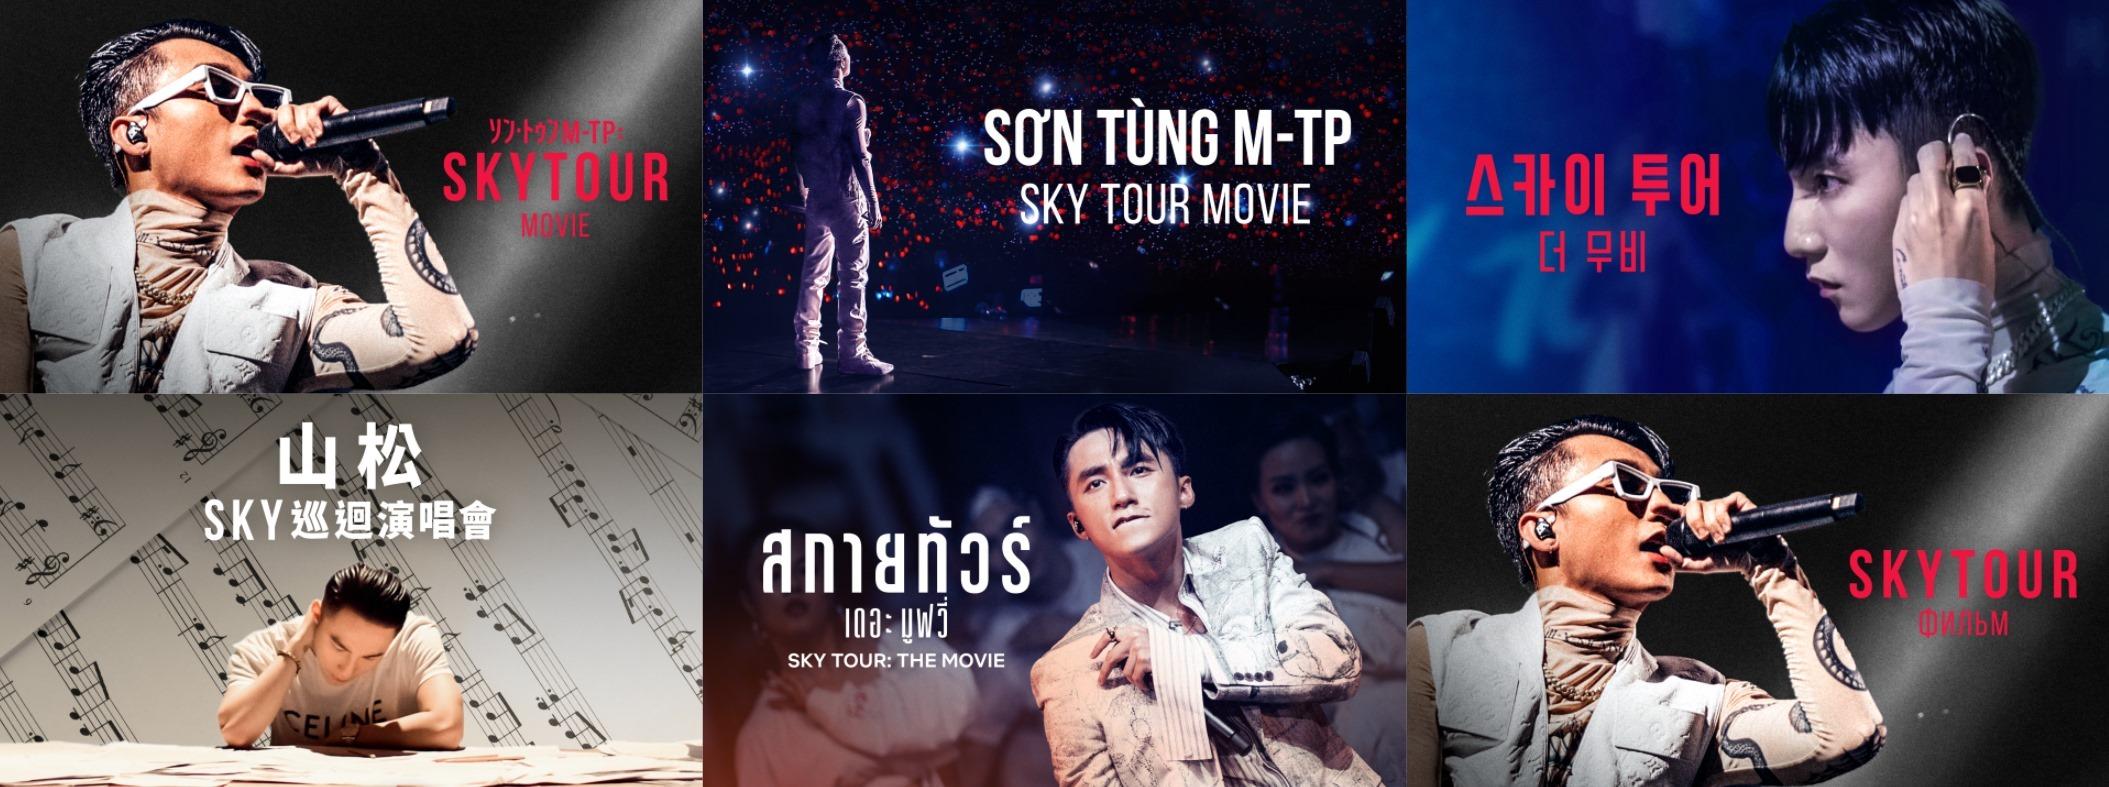 Phim của Sơn Tùng M-TP được phát hành tại 190 quốc gia